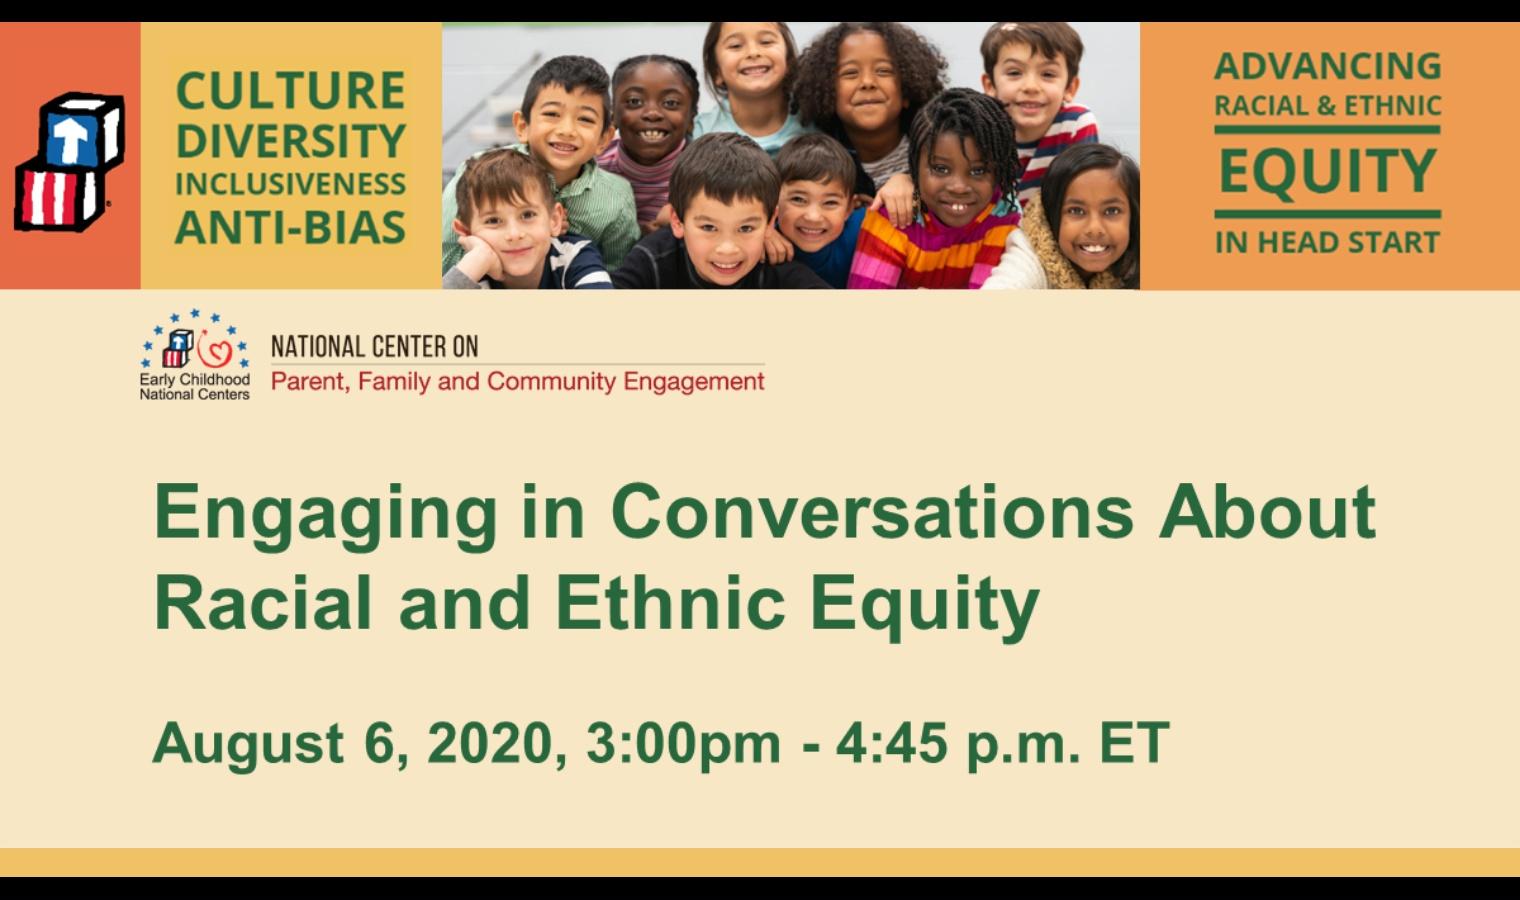 Participación en conversaciones sobre la equidad racial y étnica